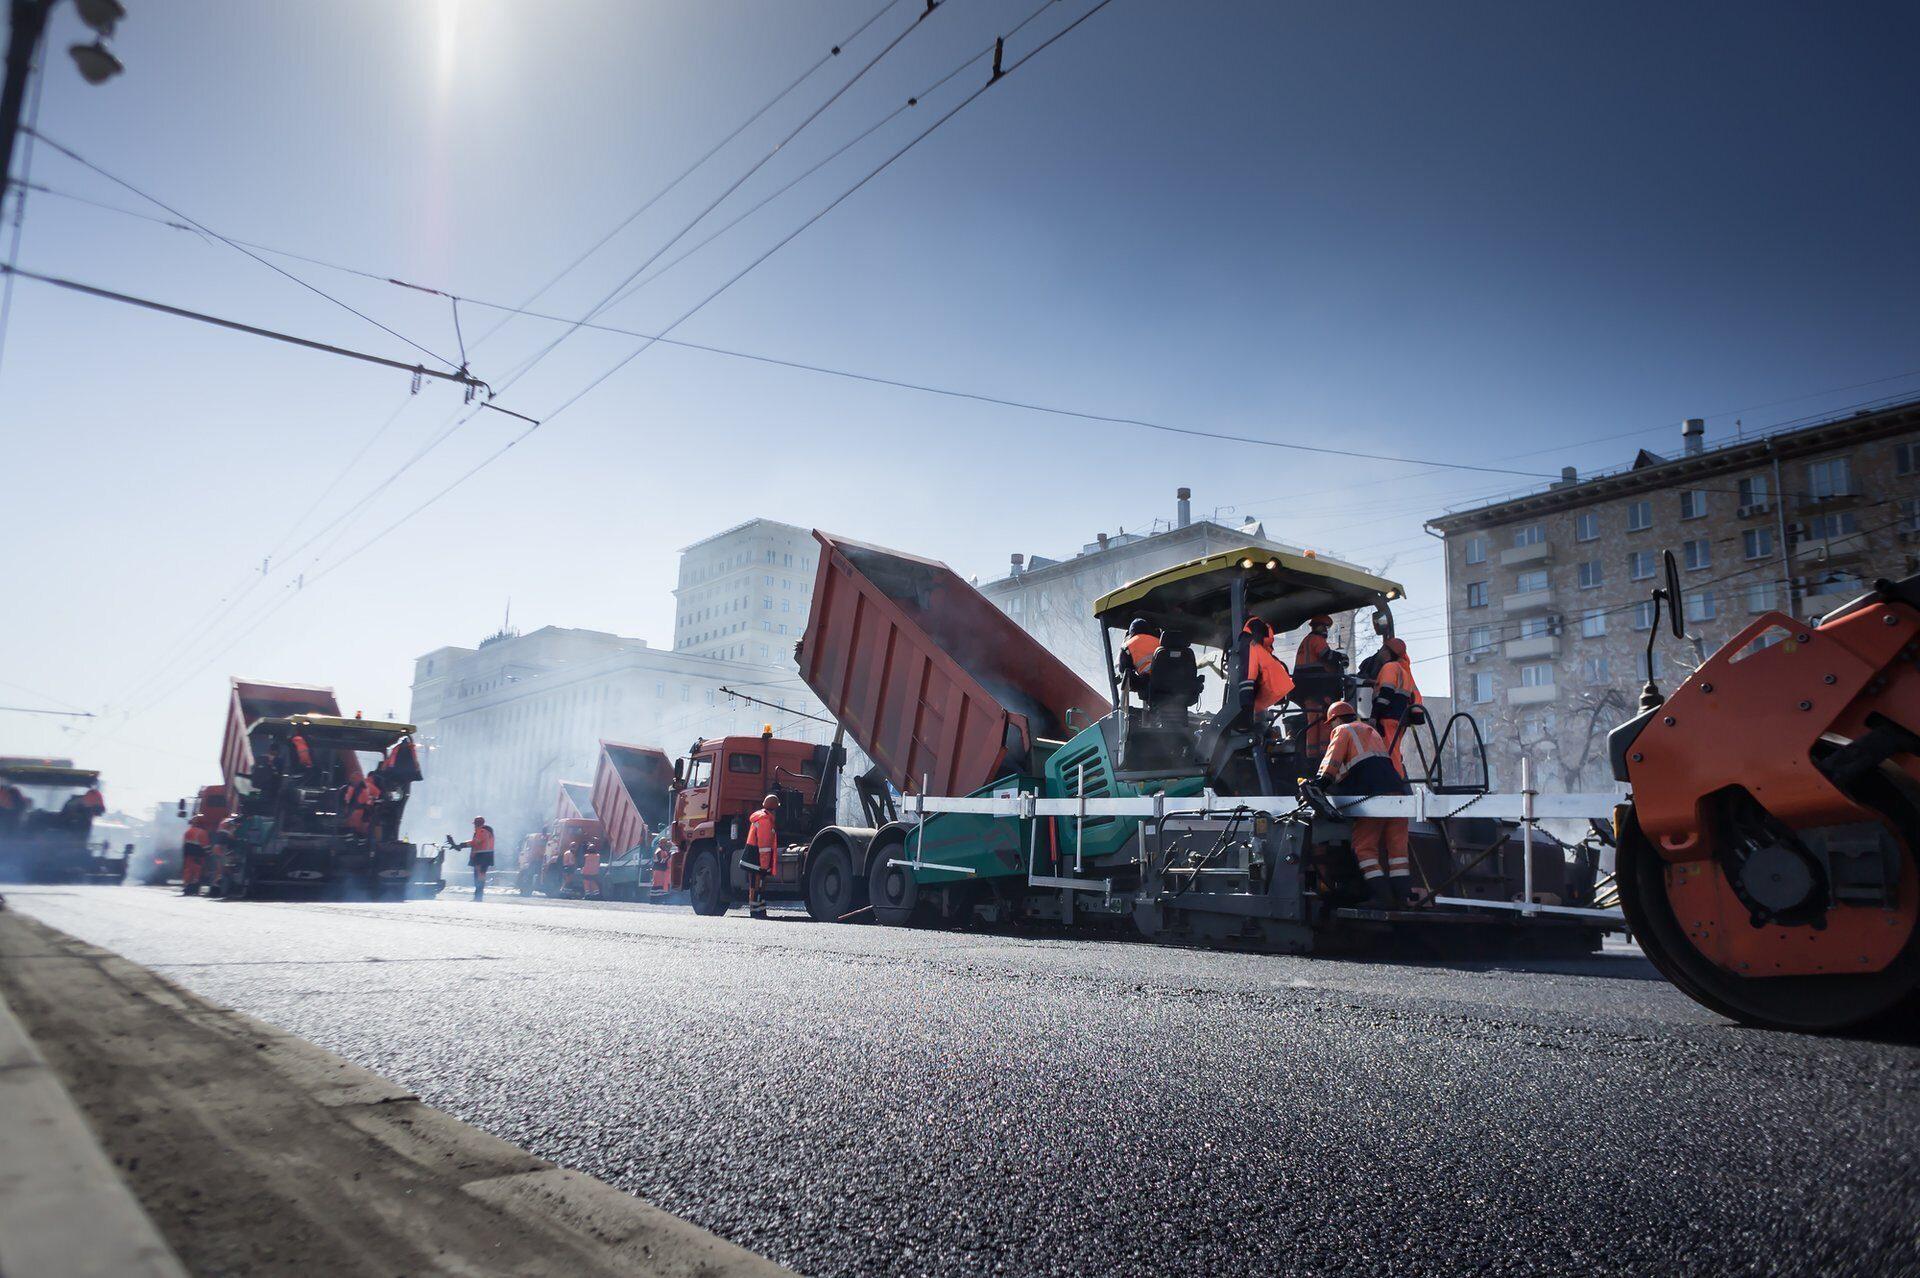 Услуги по асфальтированию дорог в Москве